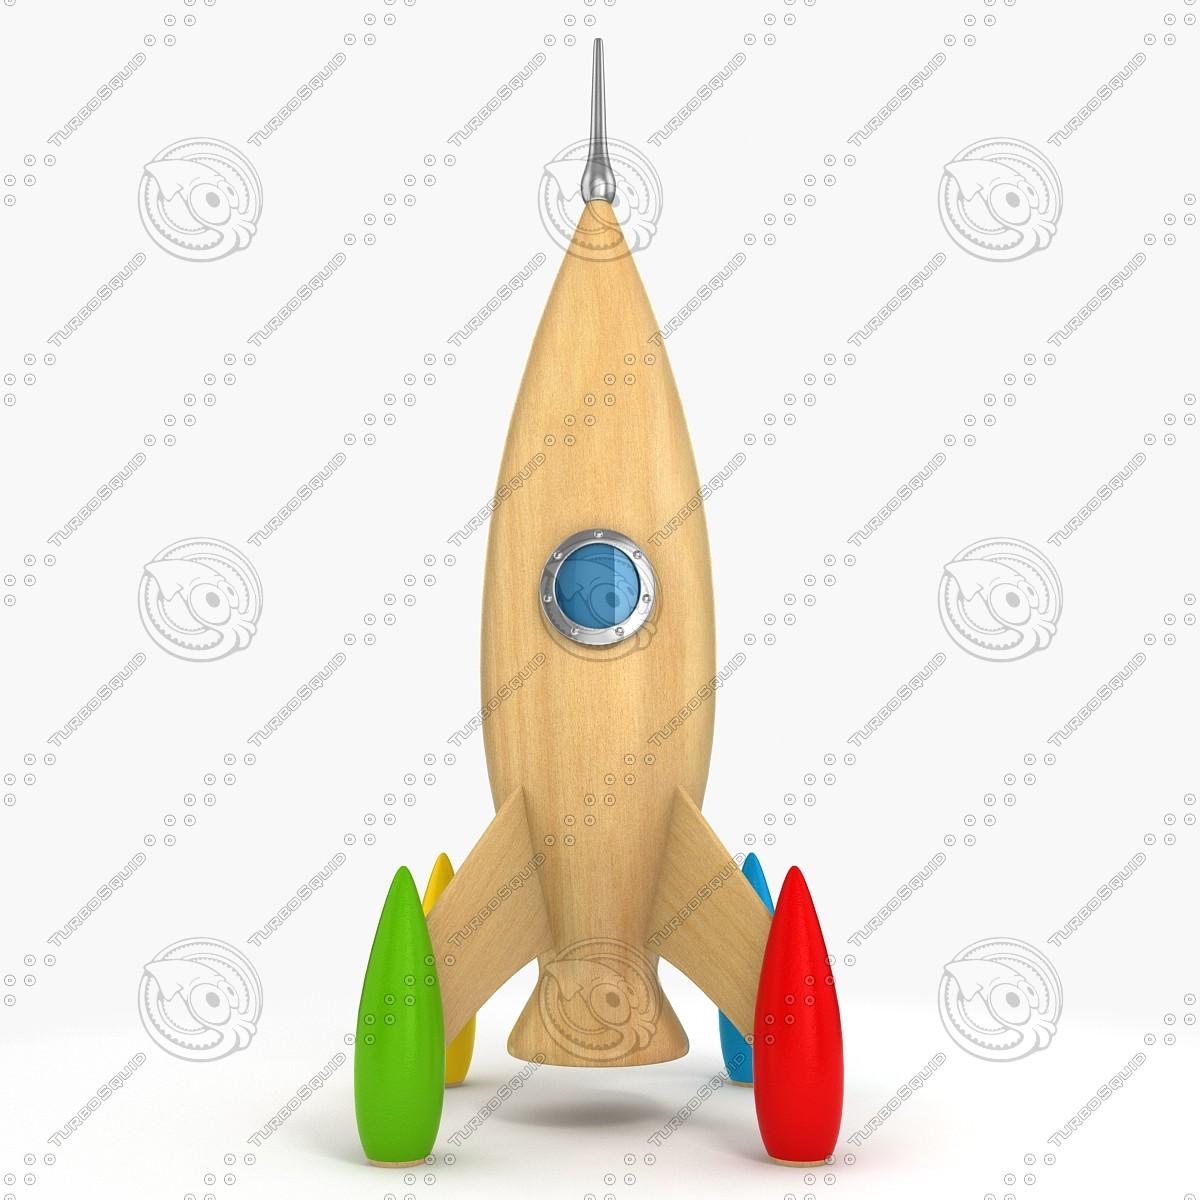 Wooden_Toy_R_0000.jpg